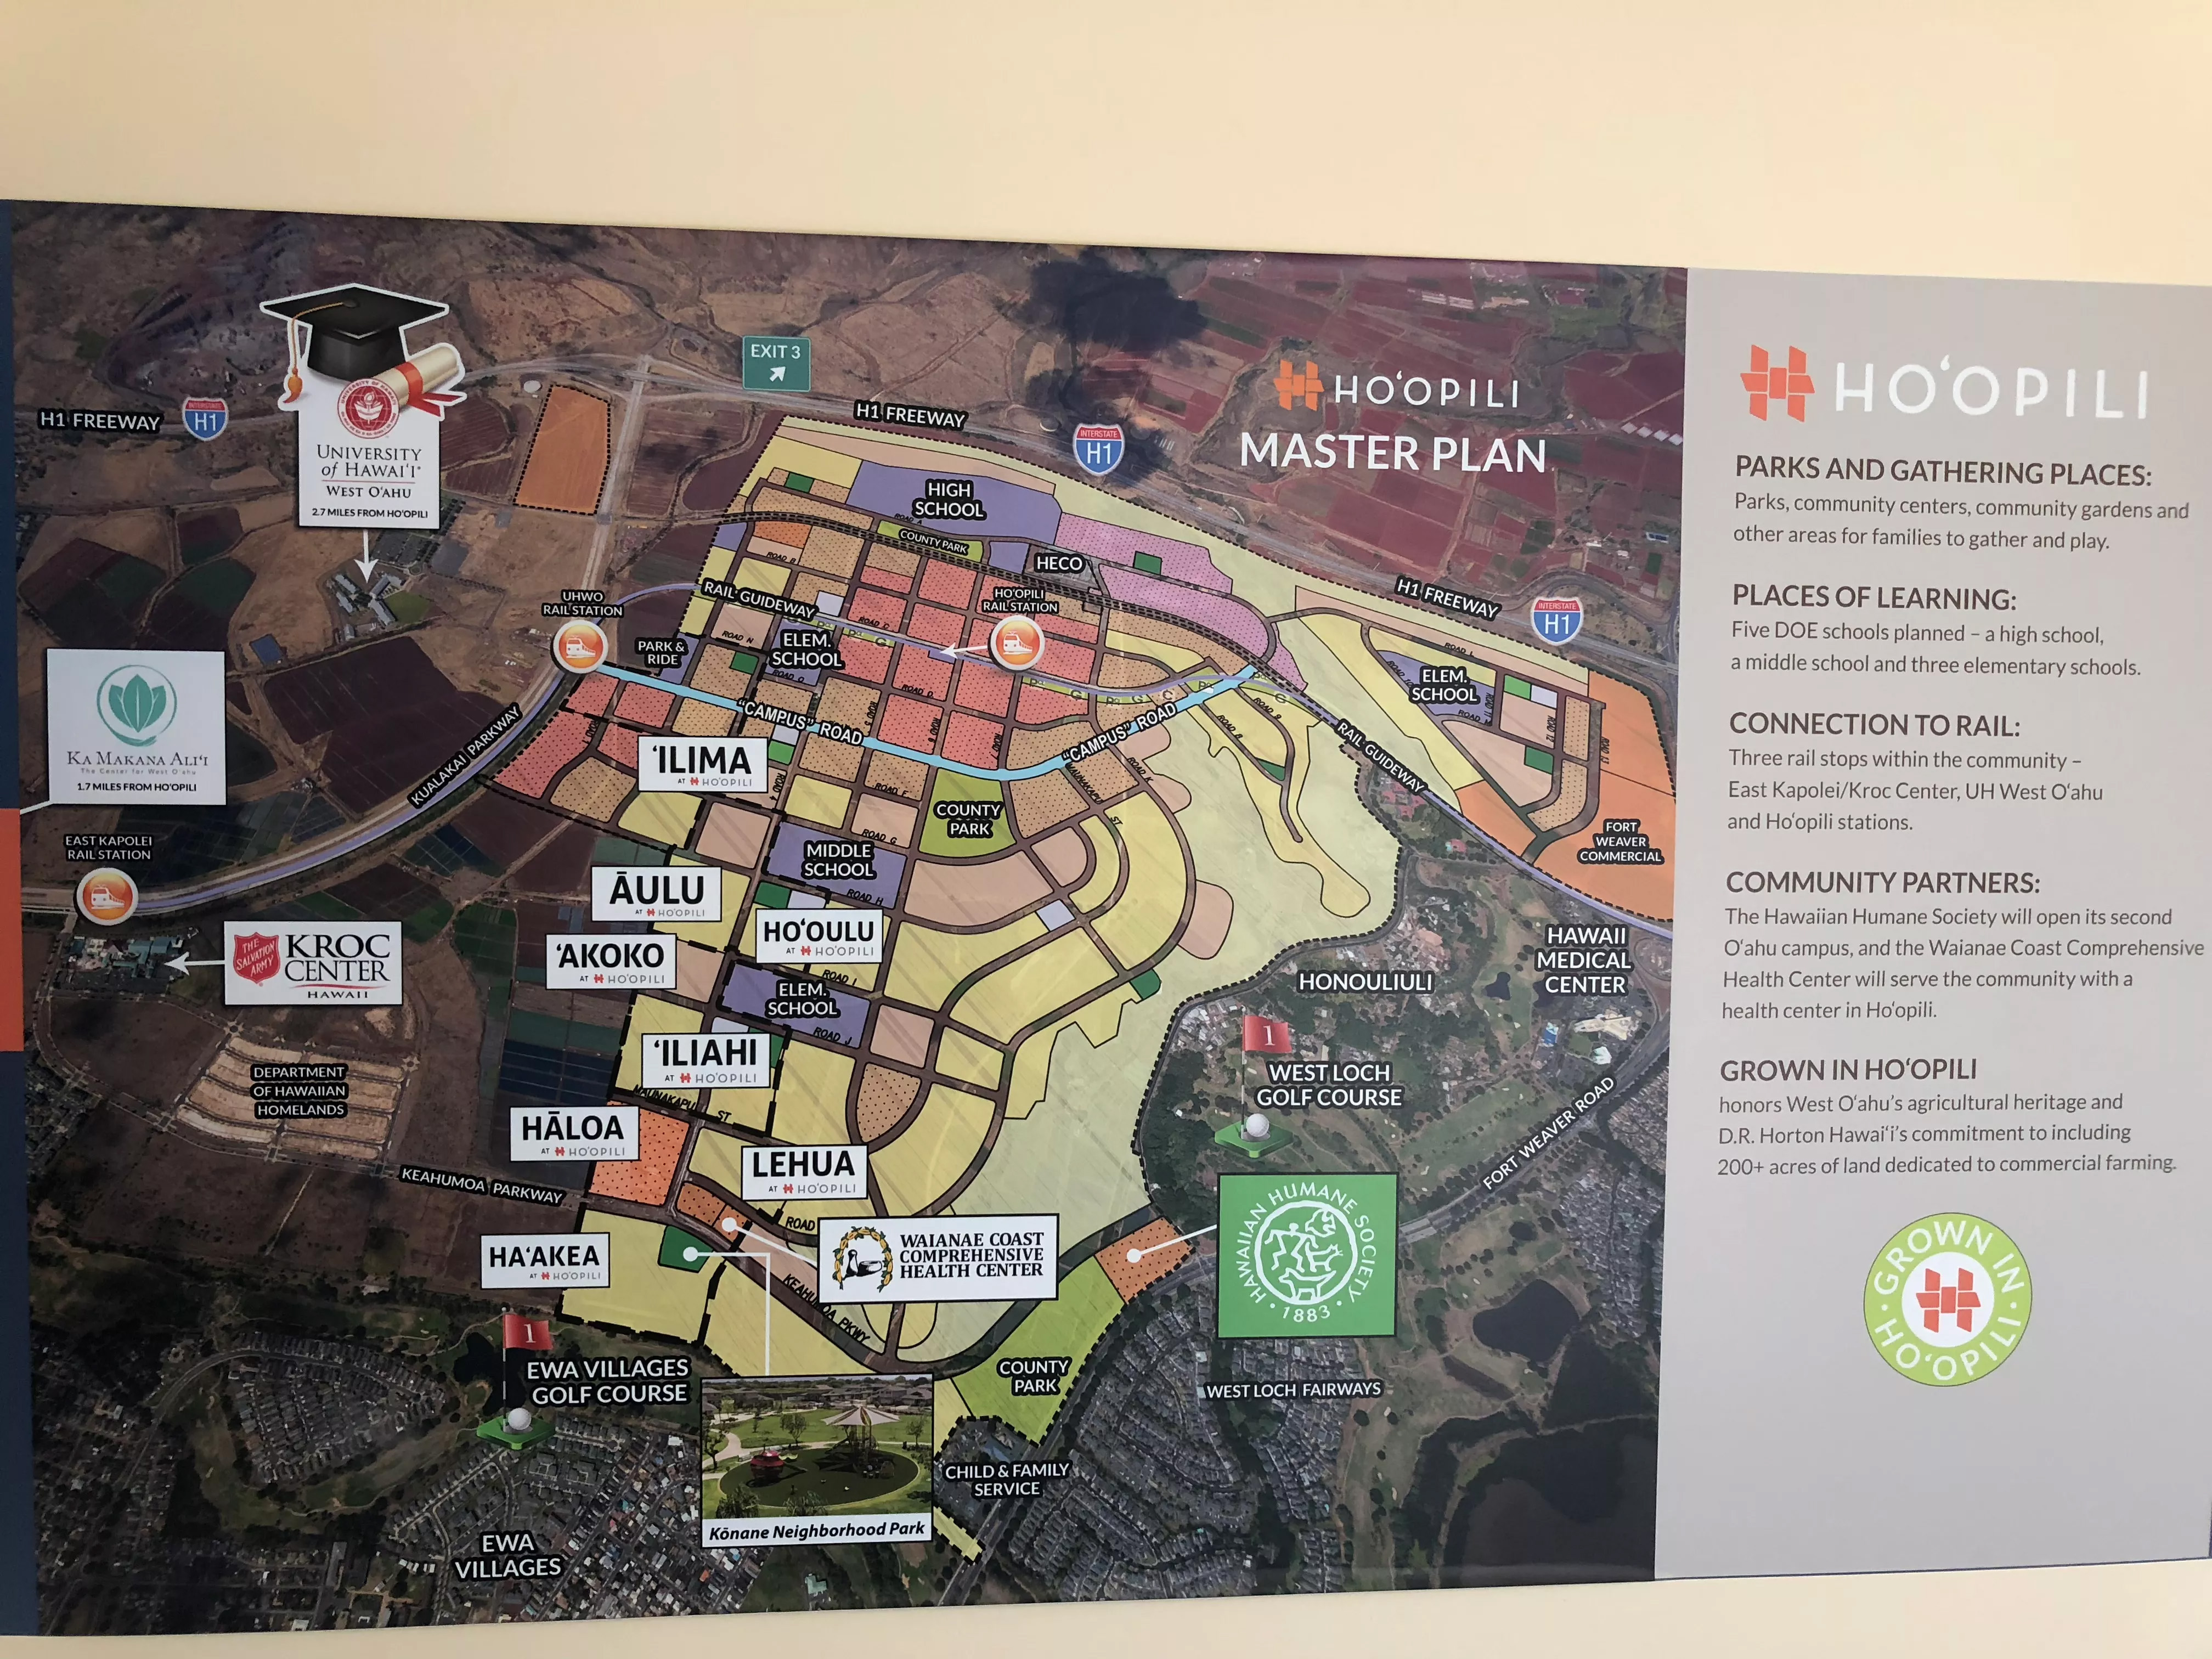 hoopili master plan map